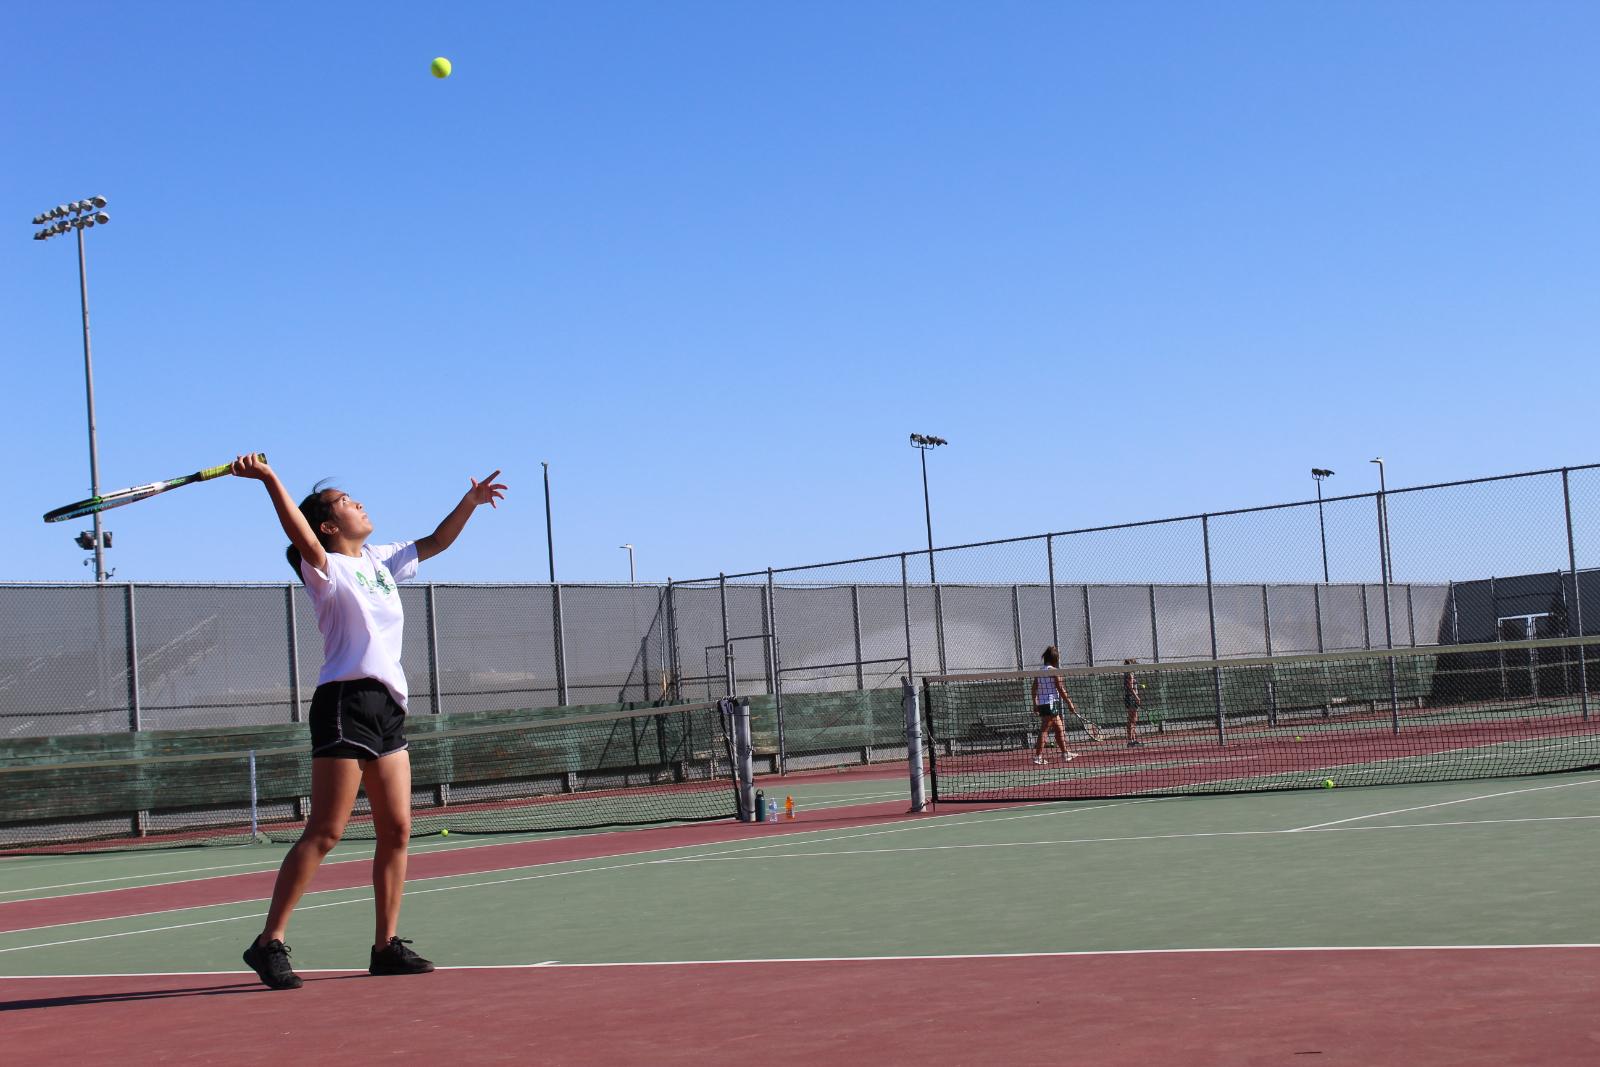 Tennis falls short in 1st round of Playoffs